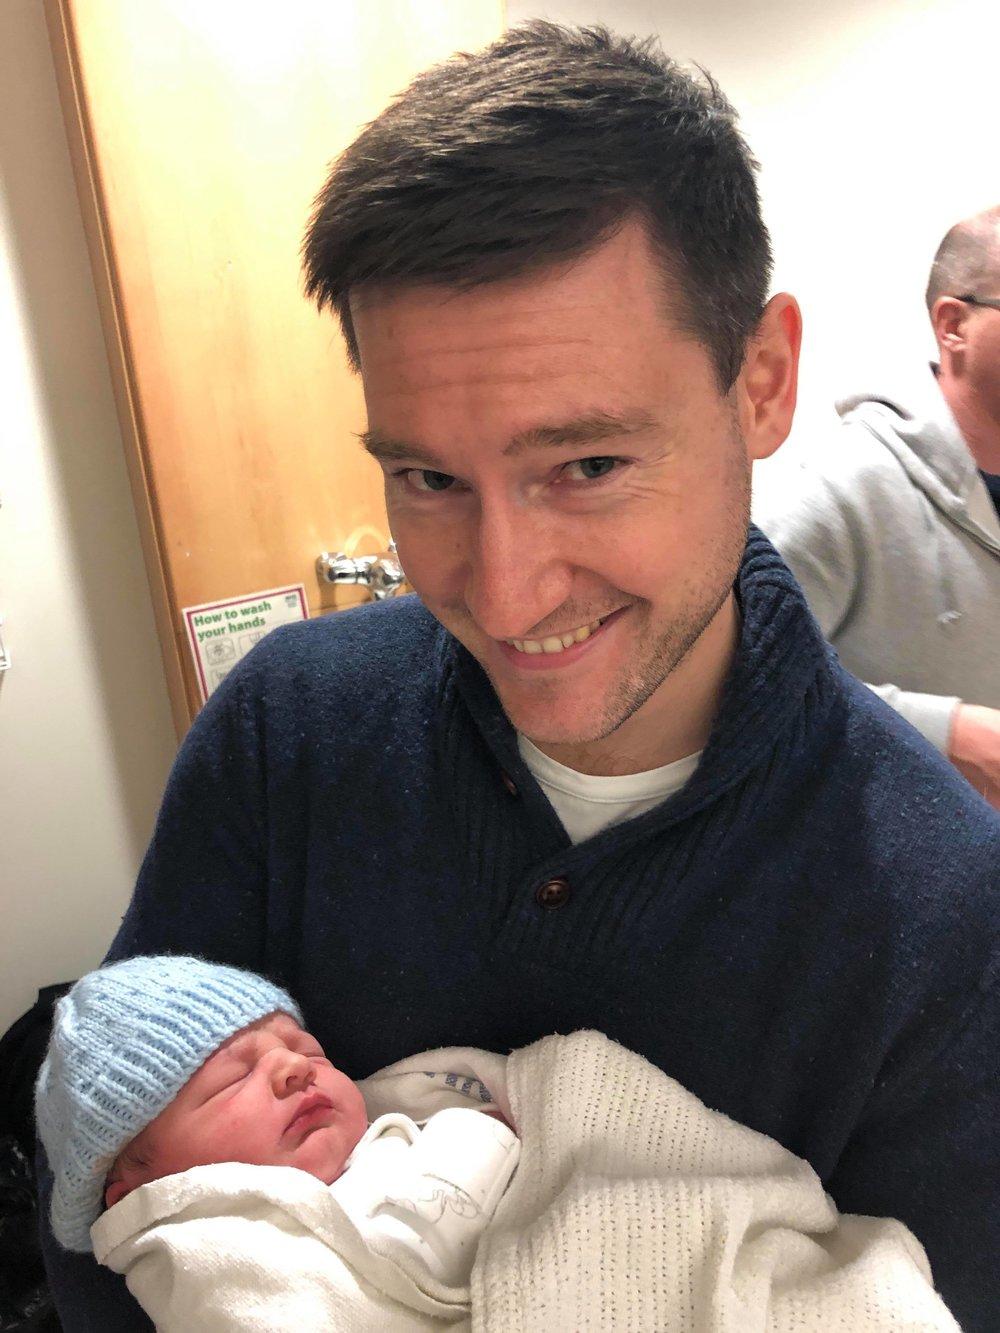 My nephew uncle Gordon, and my great nephew Avery xxx